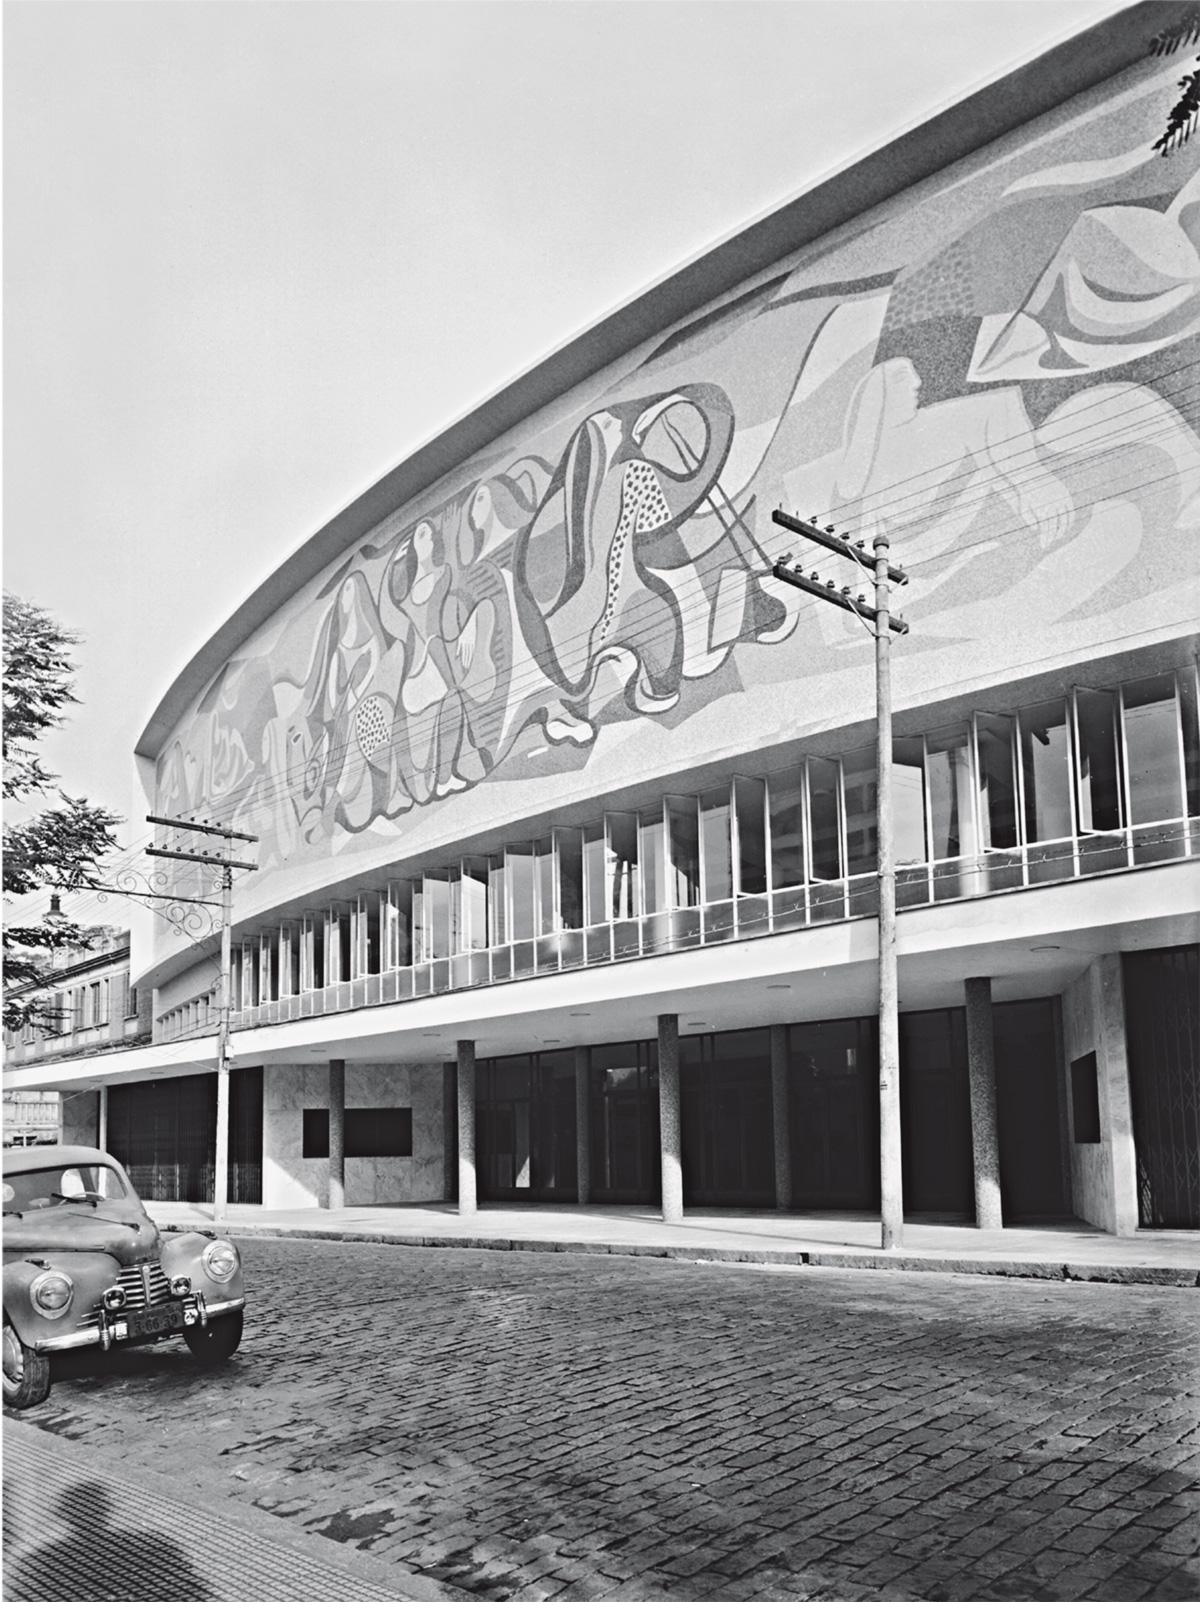 Para o painel da fachada, a Sociedade de Cultura Artística promoveu um concurso entre Di Cavalcanti, Burle Marx e Jacob Ruchti. Venceu o figurativismo de Di Cavalcanti